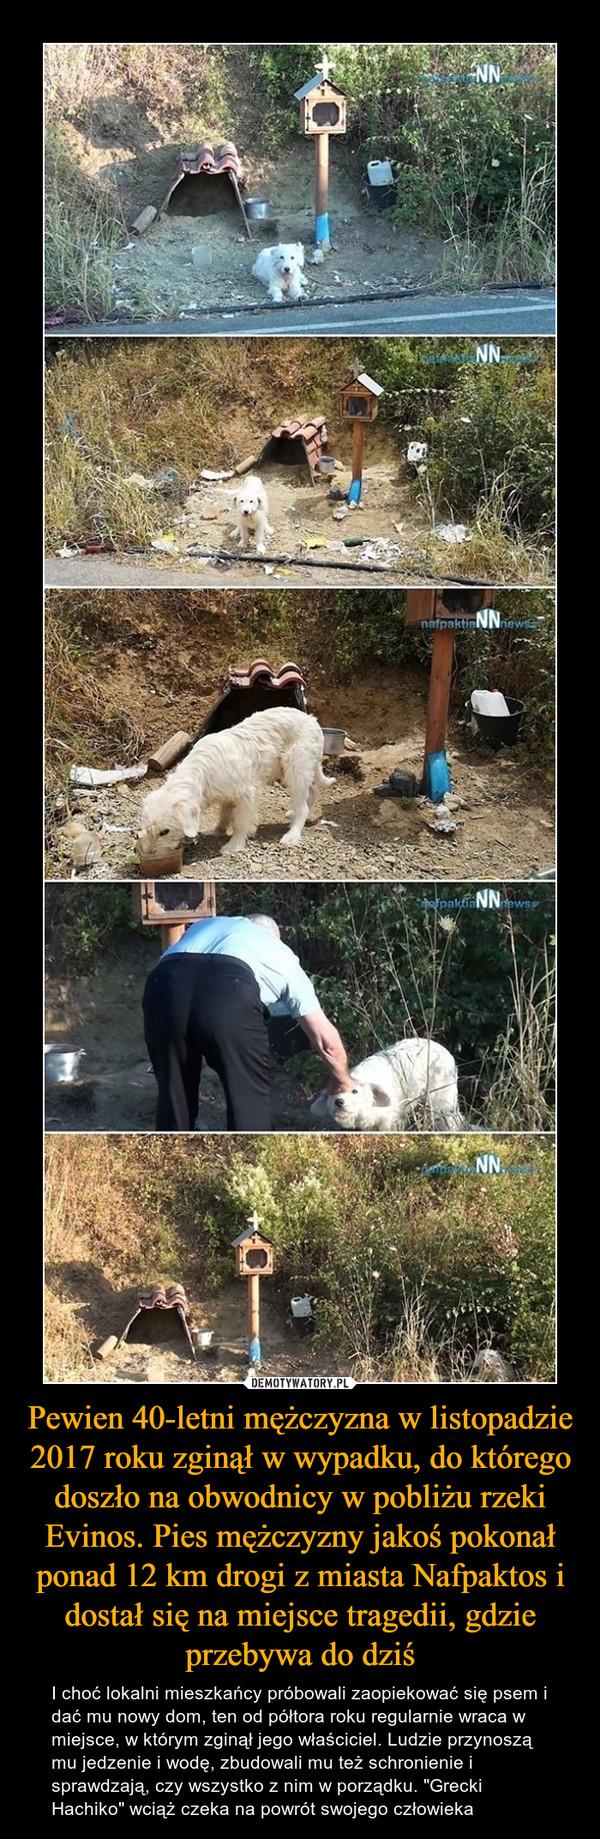 """Pewien 40-letni mężczyzna w listopadzie 2017 roku zginął w wypadku, do którego doszło na obwodnicy w pobliżu rzeki Evinos. Pies mężczyzny jakoś pokonał ponad 12 km drogi z miasta Nafpaktos i dostał się na miejsce tragedii, gdzie przebywa do dziś – I choć lokalni mieszkańcy próbowali zaopiekować się psem i dać mu nowy dom, ten od półtora roku regularnie wraca w miejsce, w którym zginął jego właściciel. Ludzie przynoszą mu jedzenie i wodę, zbudowali mu też schronienie i sprawdzają, czy wszystko z nim w porządku. """"Grecki Hachiko"""" wciąż czeka na powrót swojego człowieka"""